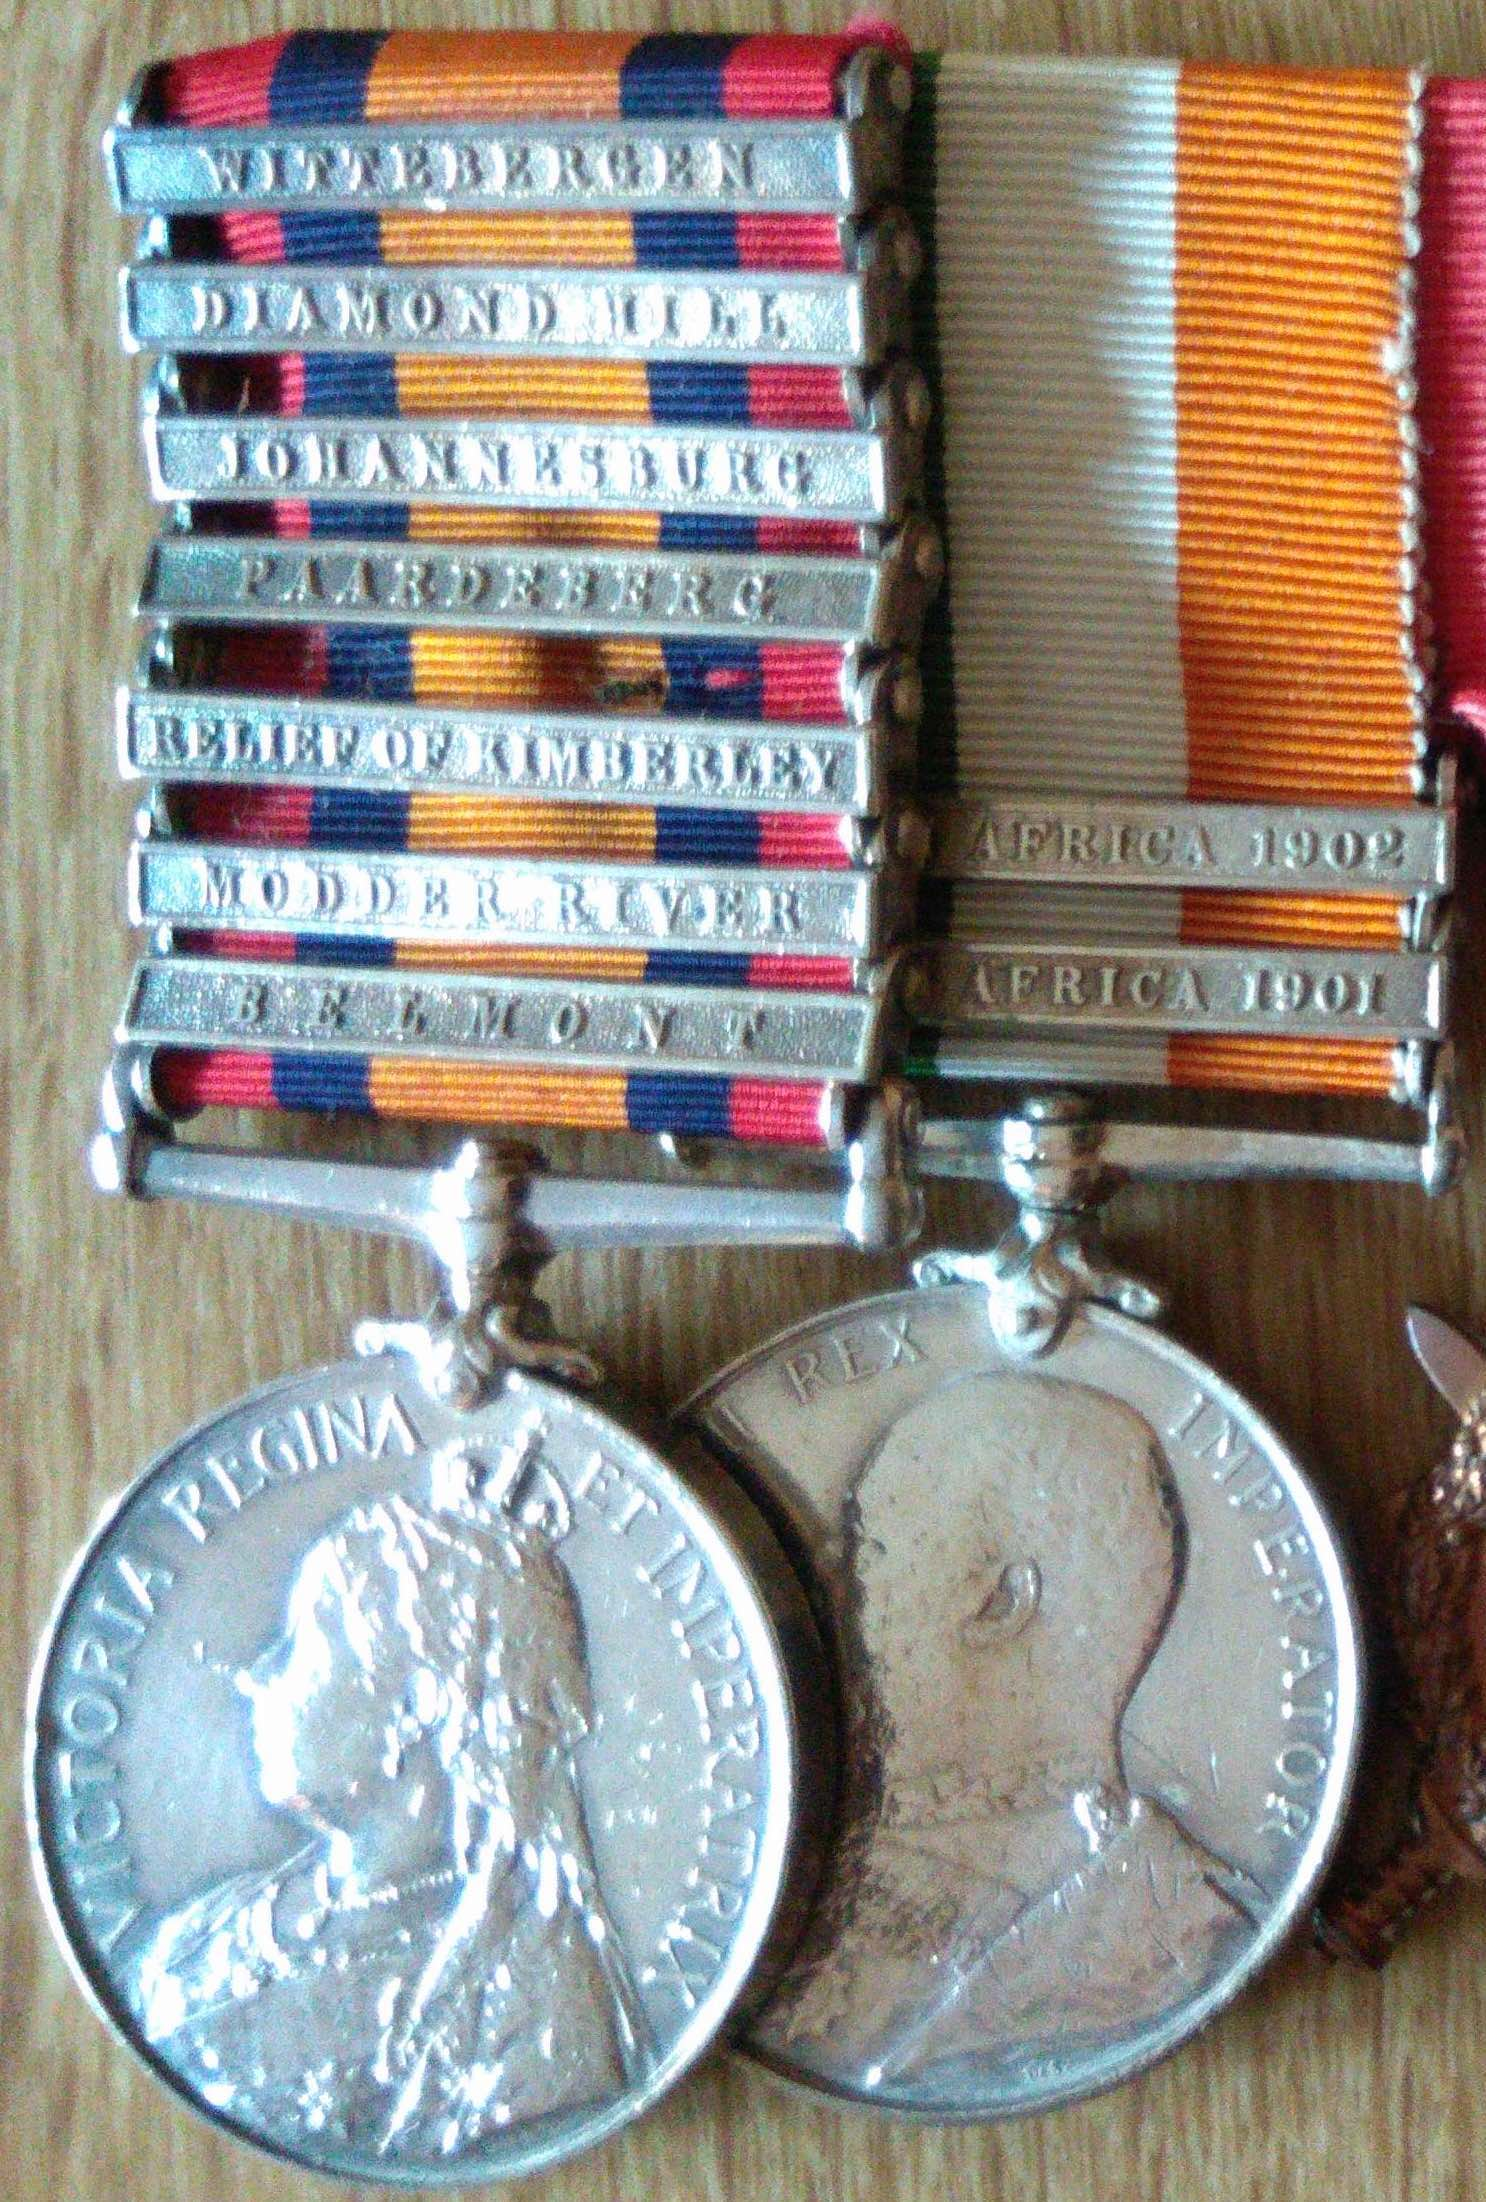 SA Medals.jpeg